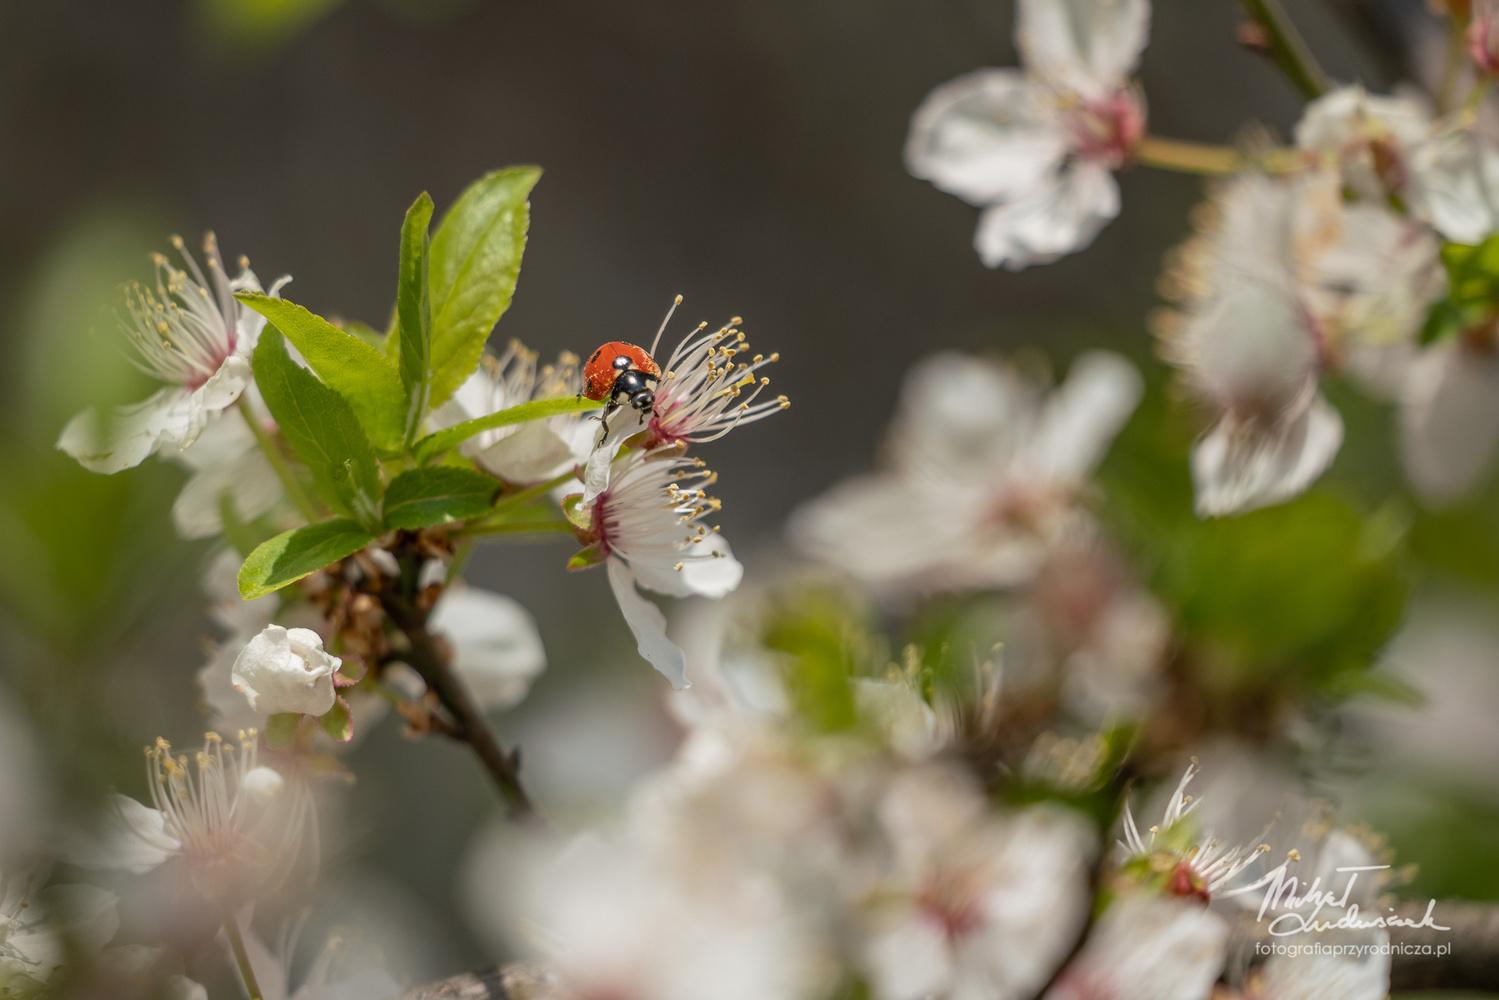 Ladybug by Michał Ludwiczak